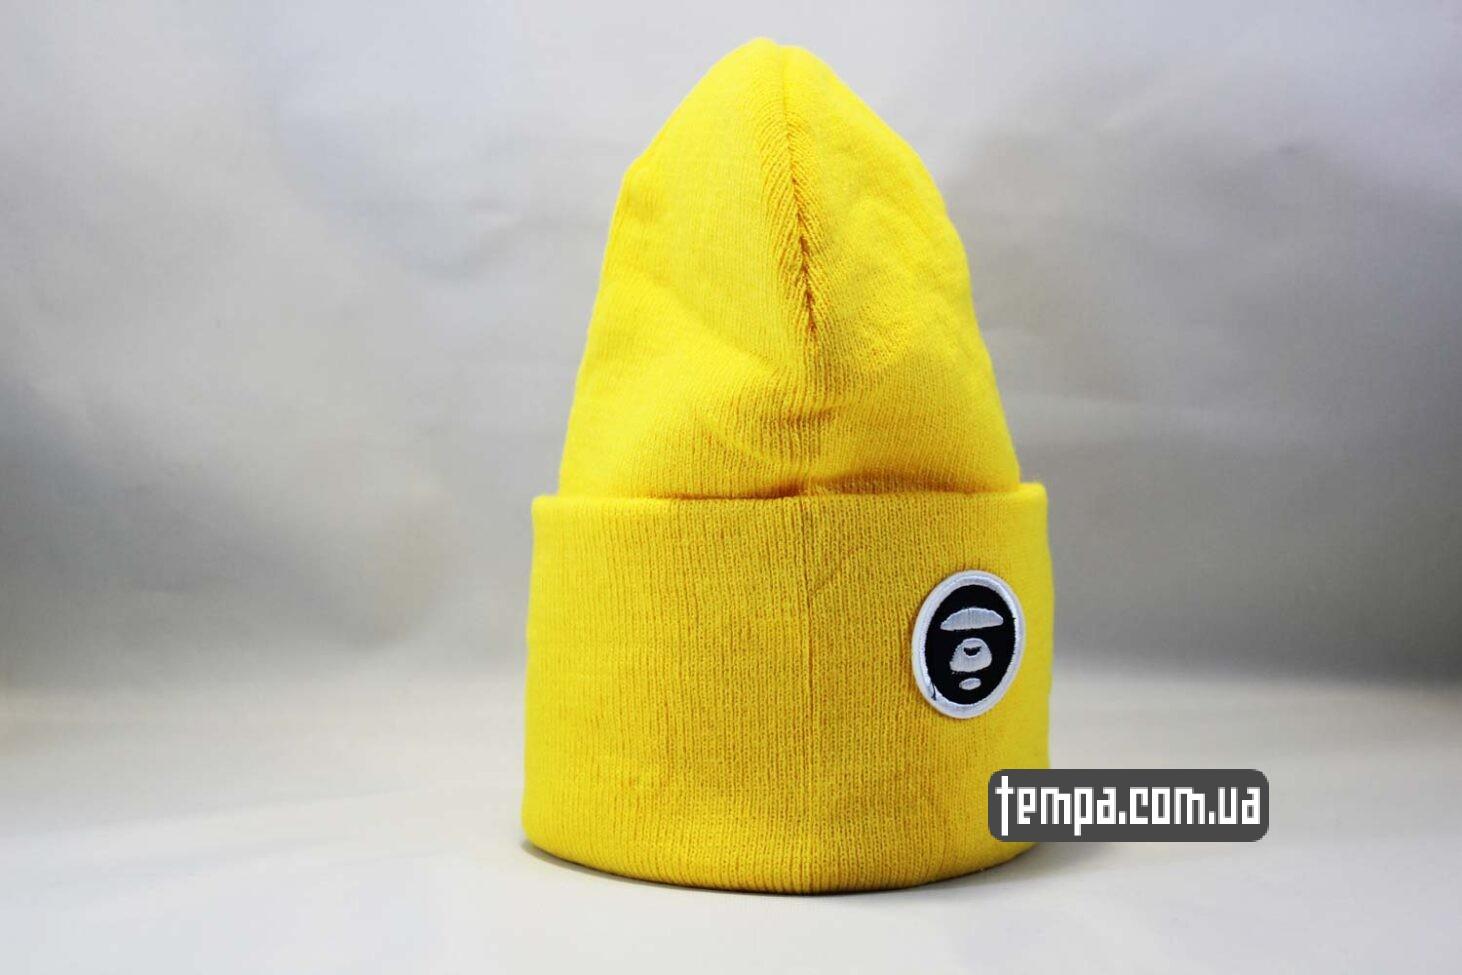 купить оригинал эйп шапка beanie Aape желтая Украина Купить